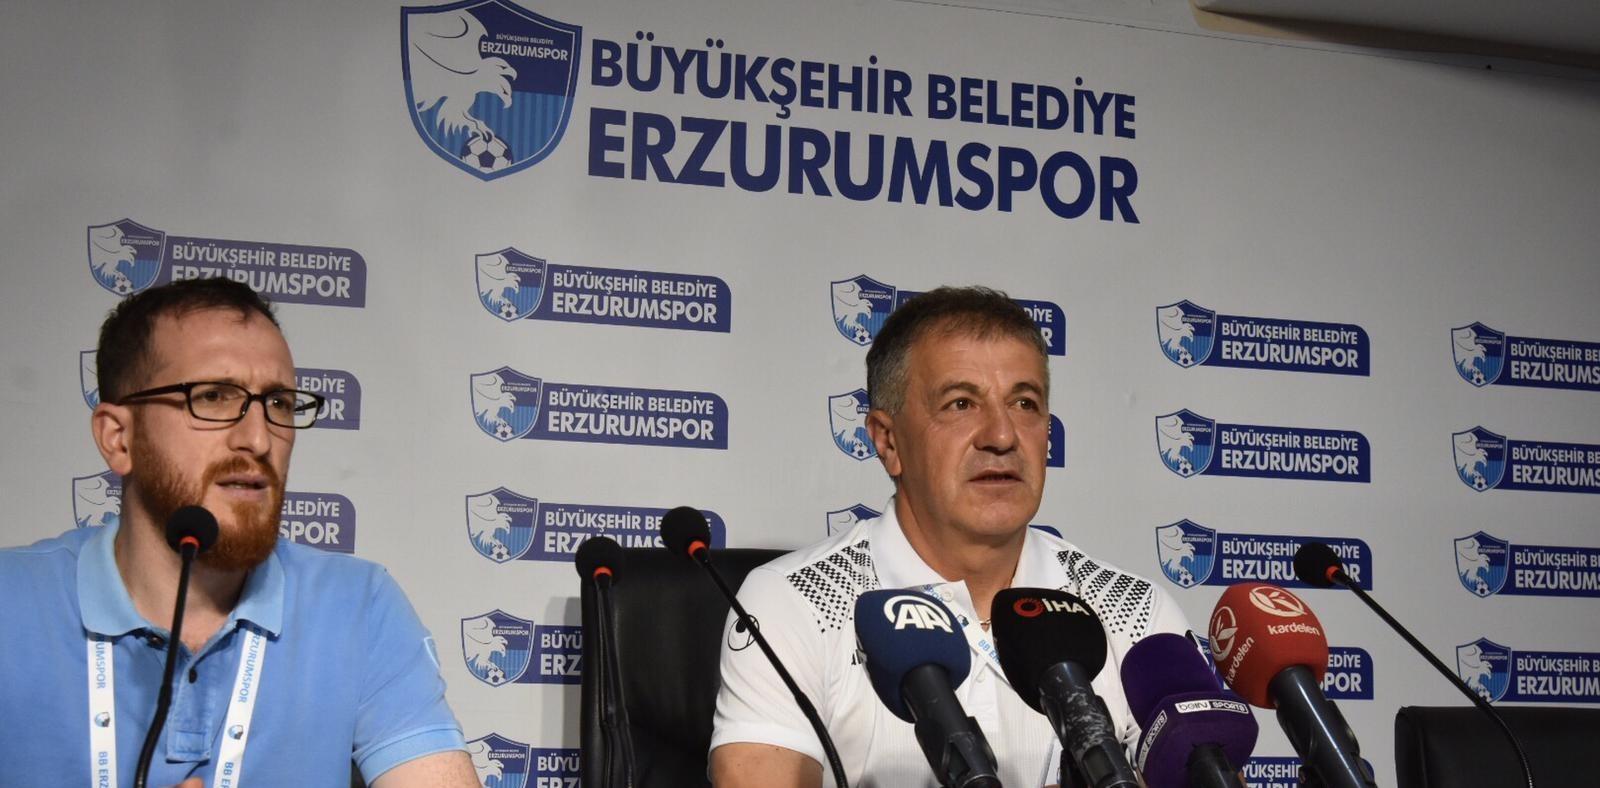 Erzurumspor - İstanbulspor maçının ardından